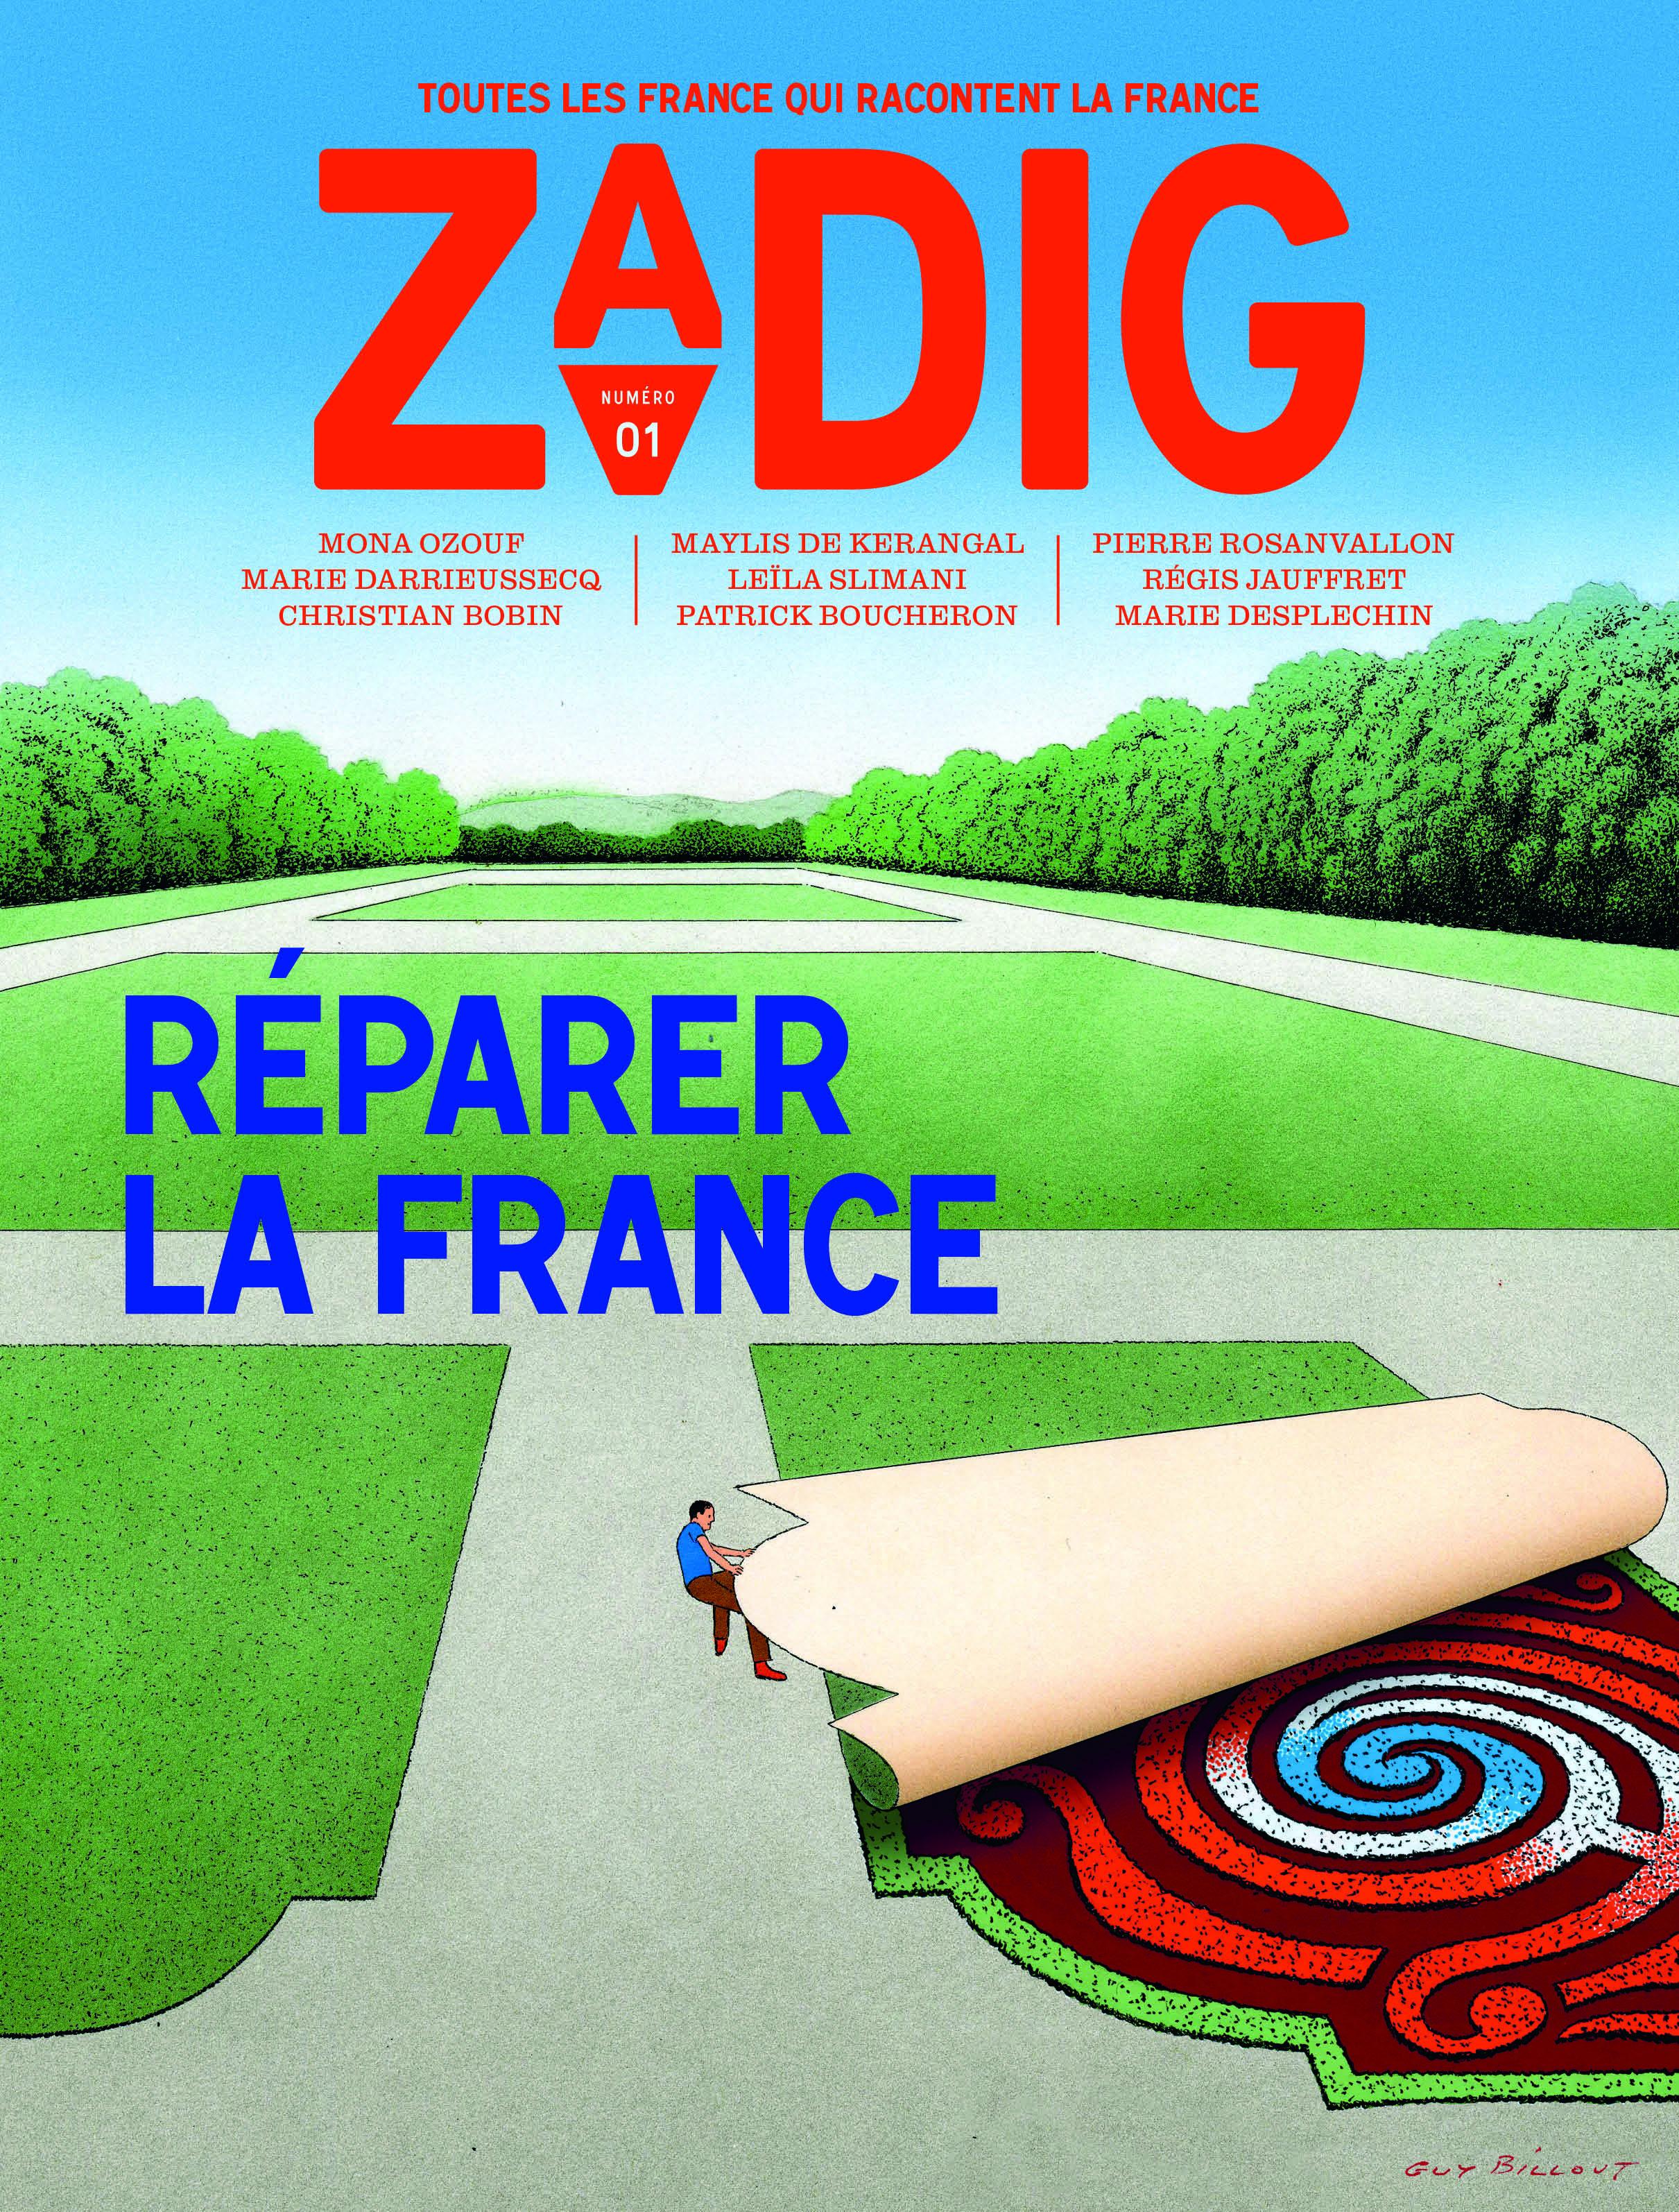 ZADIG N1 REPARER LA FRANCE